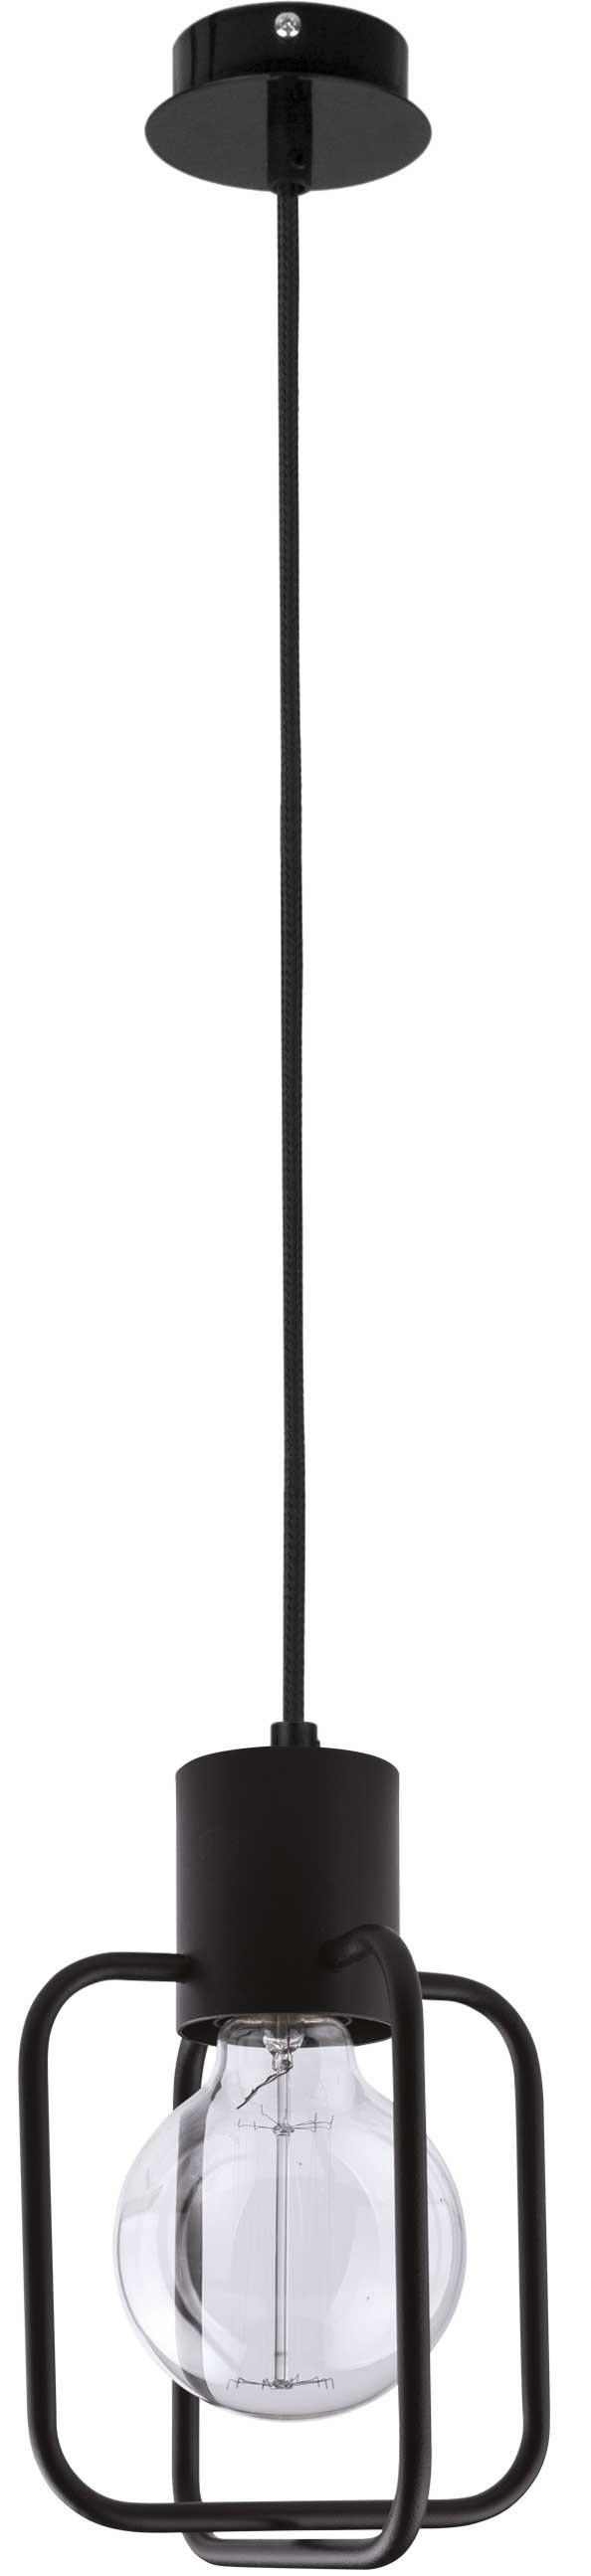 Lampa wisząca Aura kwadrat 1 czarna 31110 - Sigma Do -17% rabatu w koszyku i darmowa dostawa od 299zł !